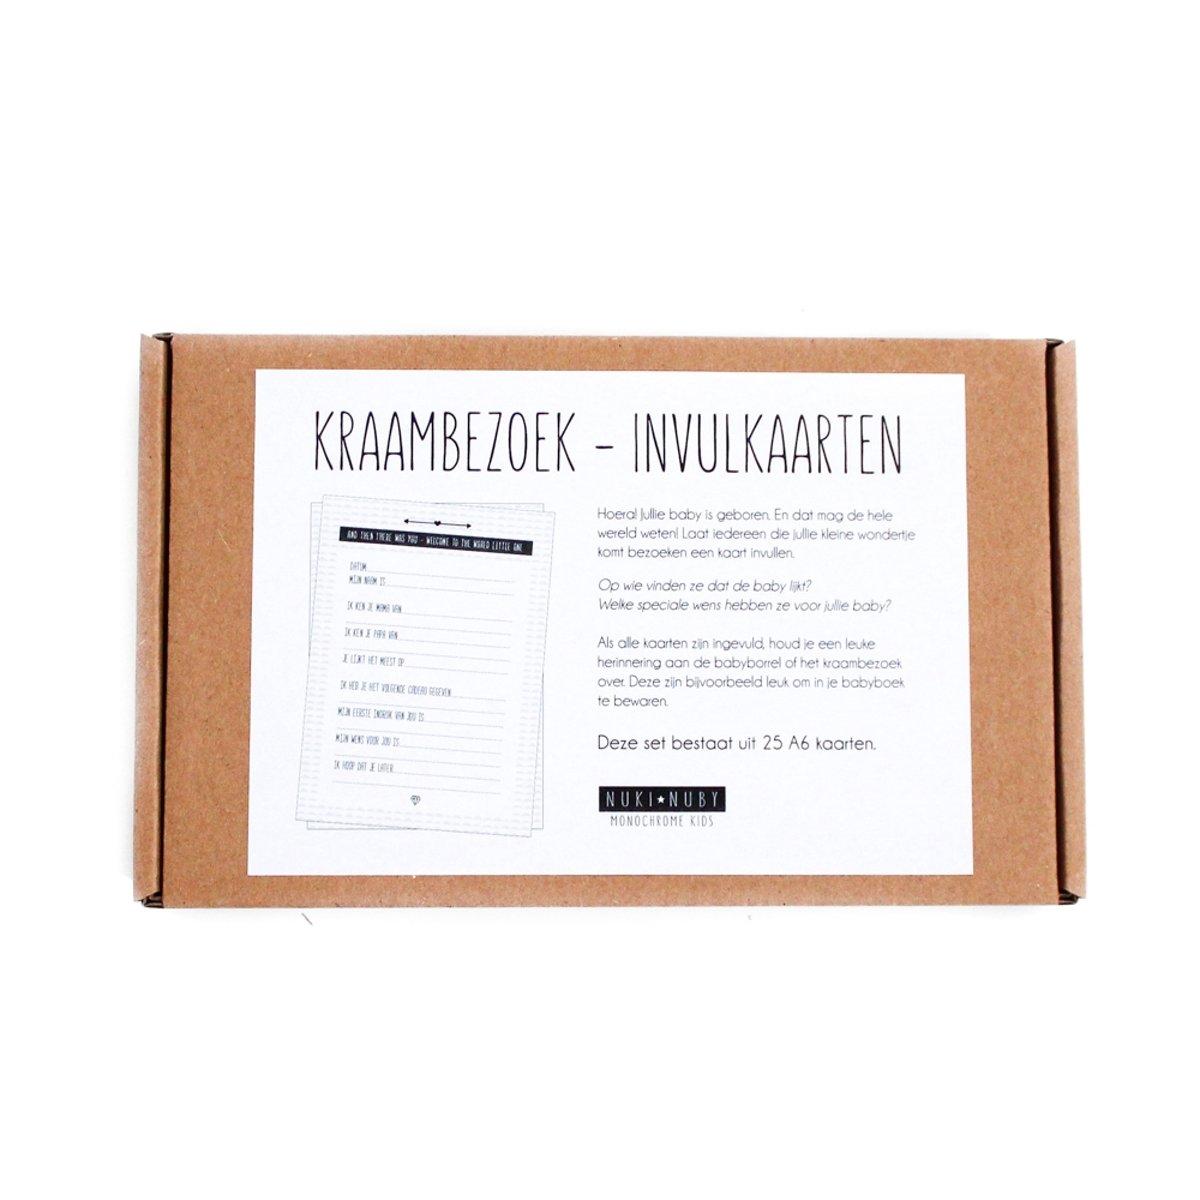 Extreem bol.com | Kraambezoek invulkaarten | Monochrome 25 stuks, Nuki #VU44